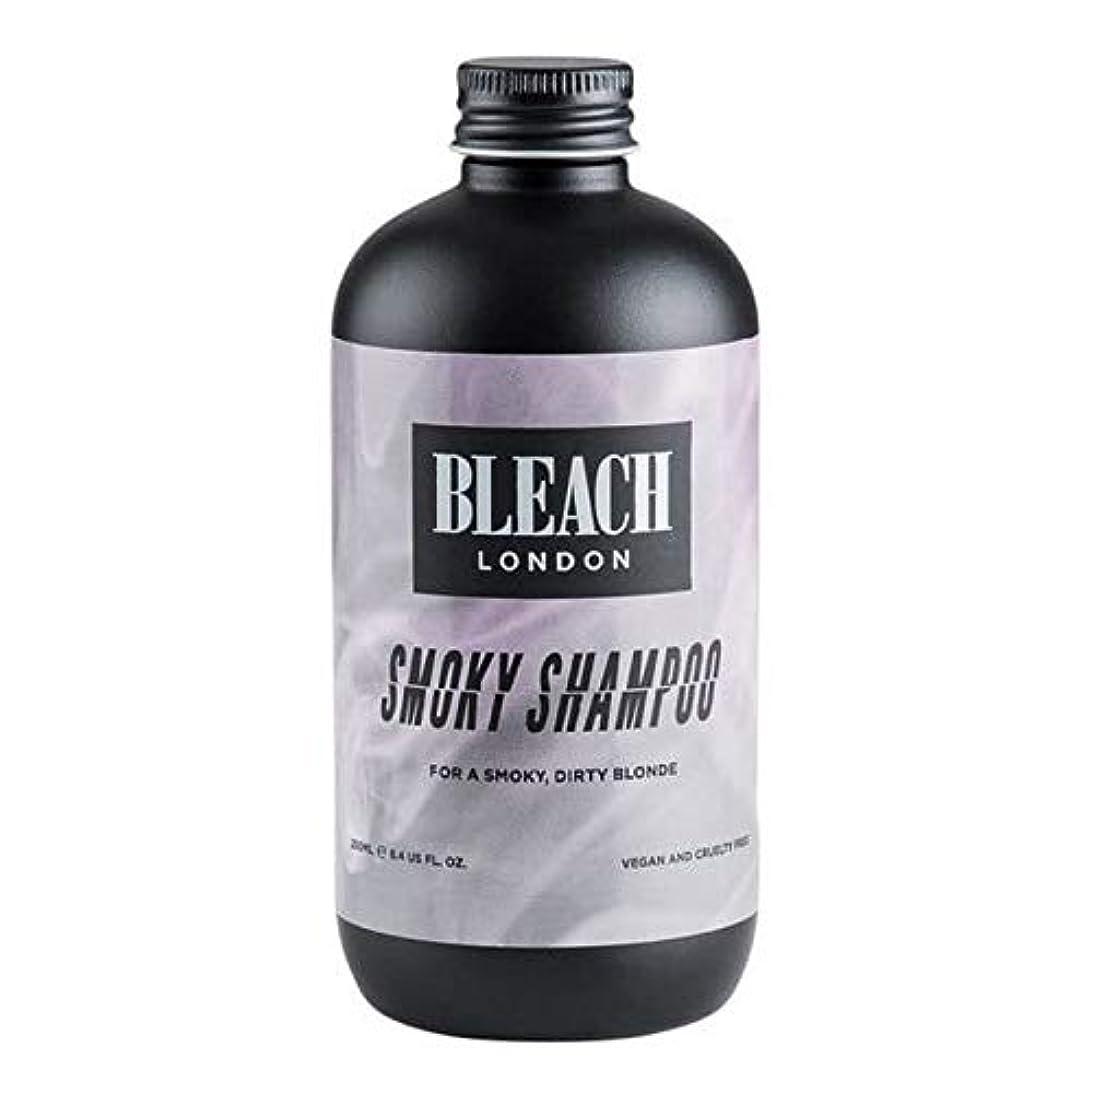 左インセンティブグレートオーク[Bleach London ] 漂白ロンドンスモーキーシャンプー250Ml - Bleach London Smoky Shampoo 250ml [並行輸入品]